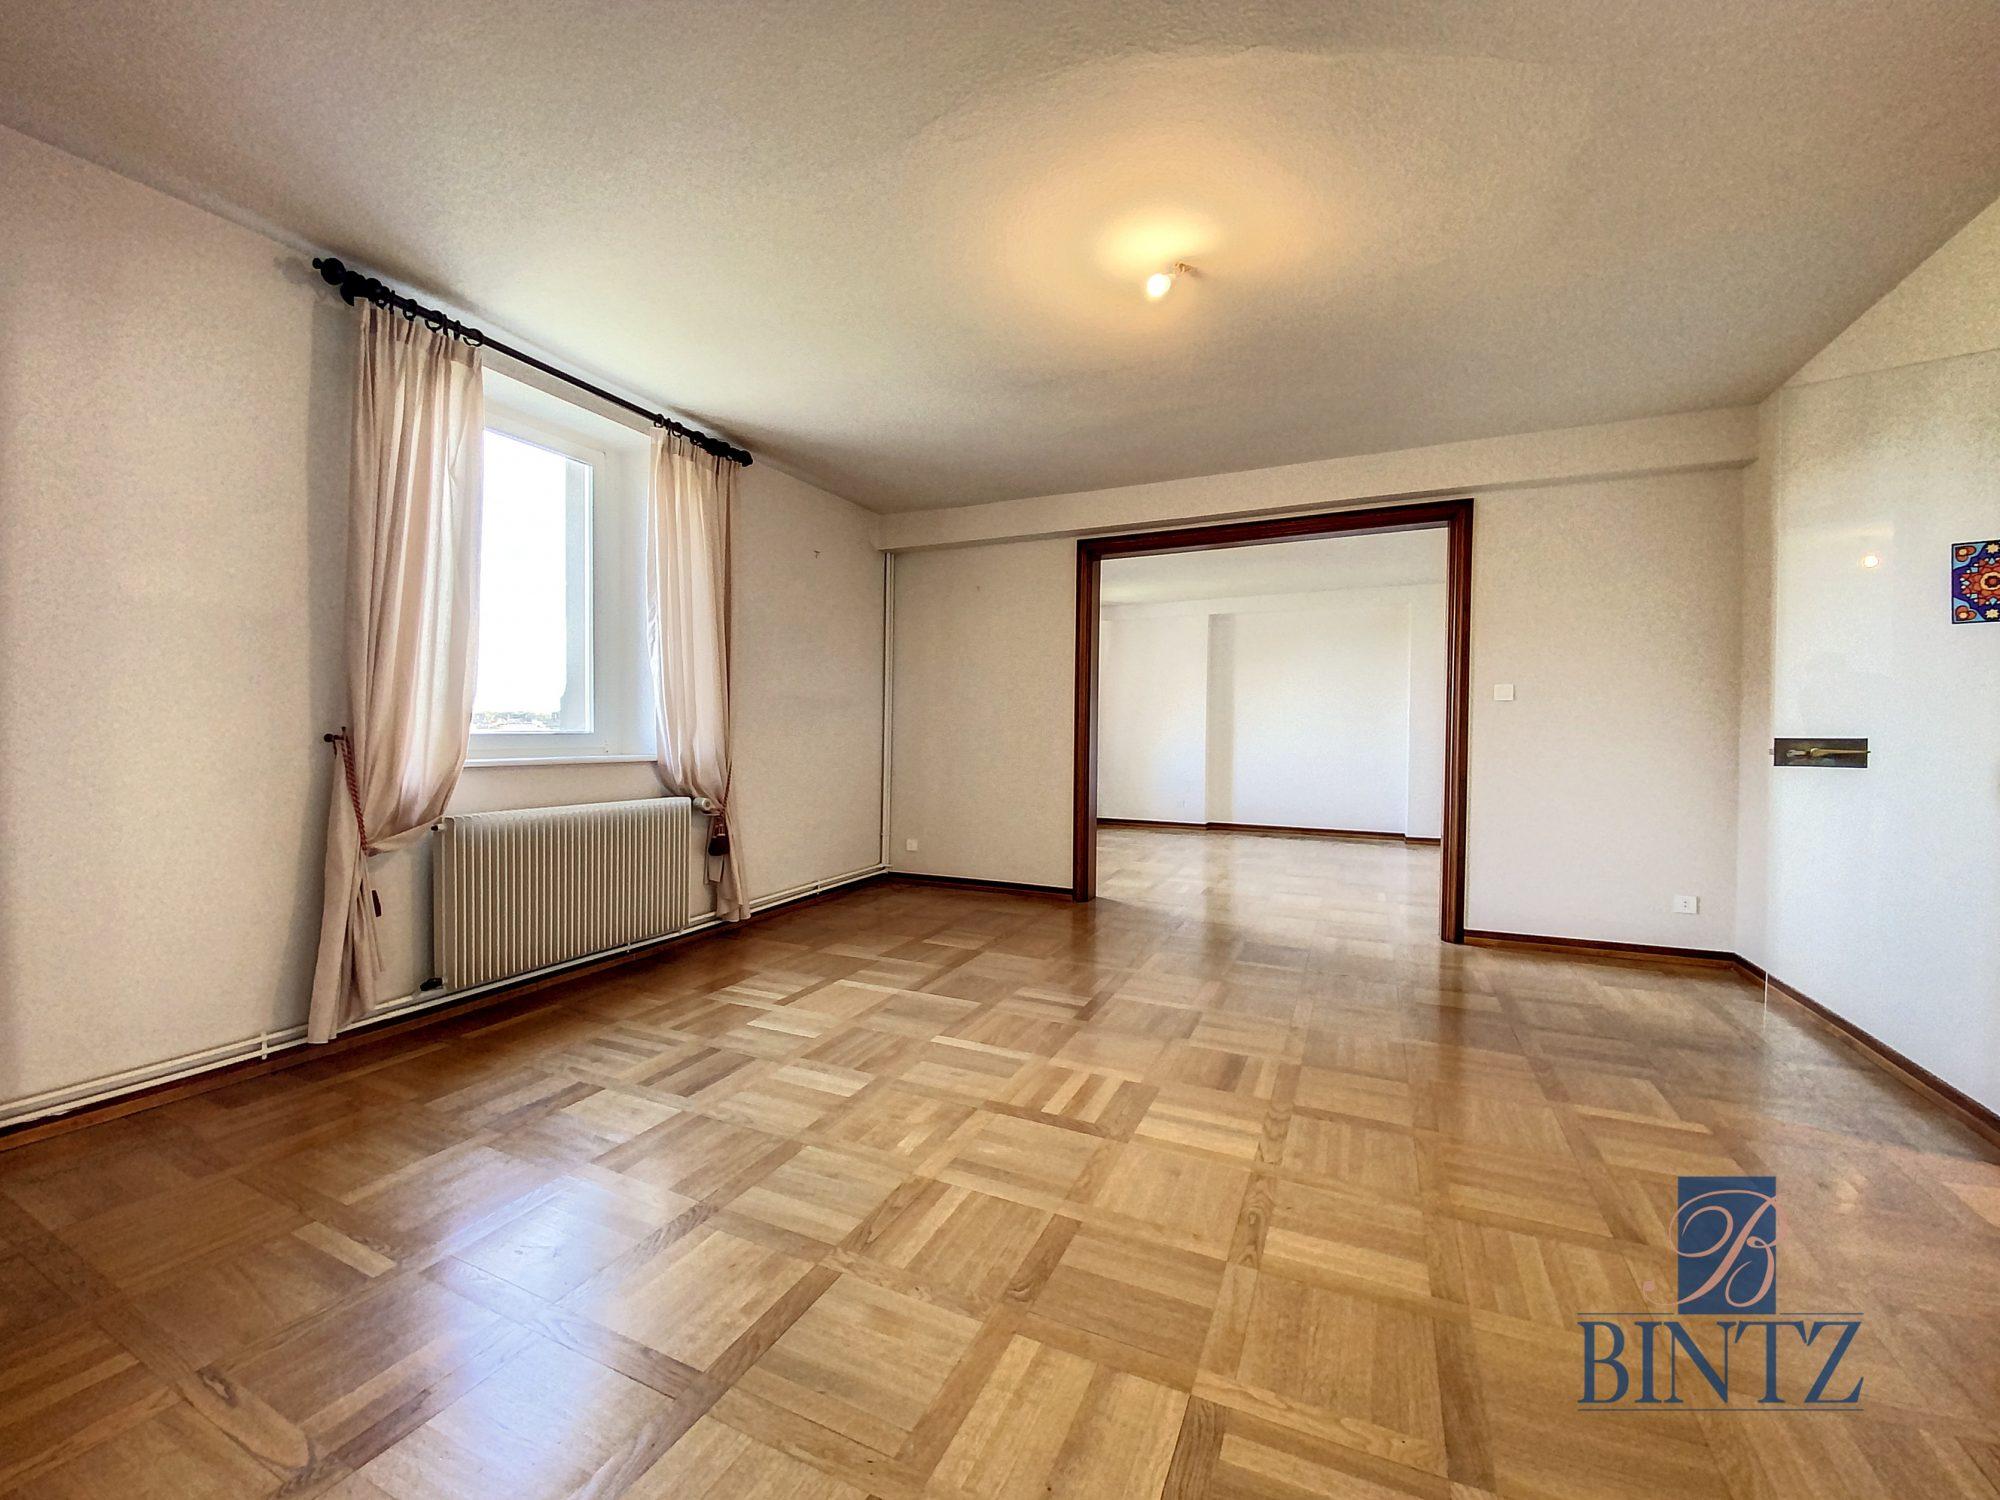 DUPLEX PLACE DE L'UNIVERSITÉ AVEC TERRASSE - Devenez locataire en toute sérénité - Bintz Immobilier - 15